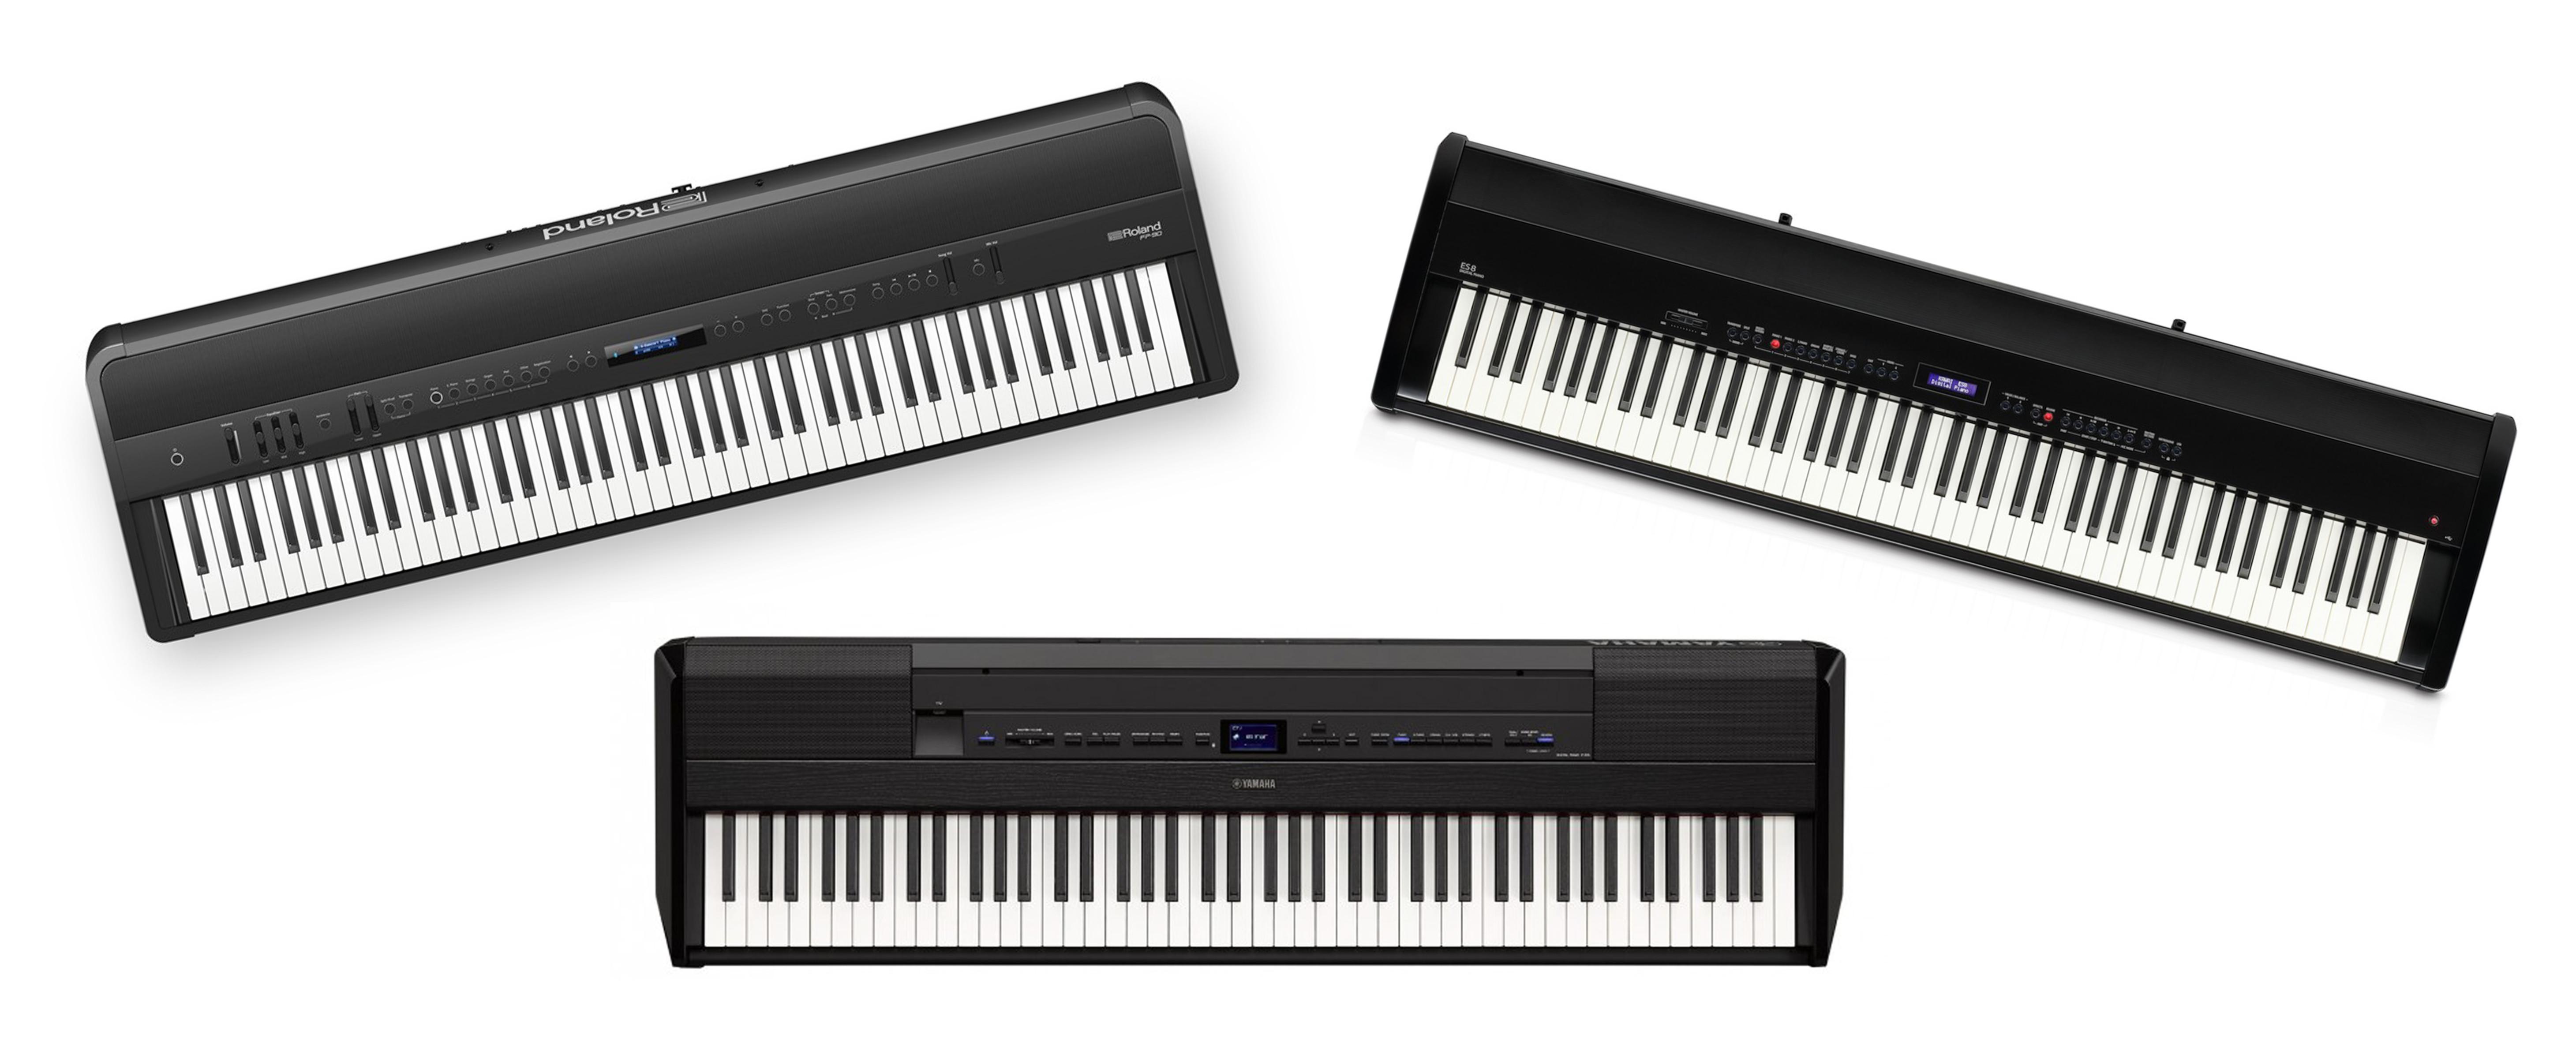 Roland FP-90, Yamaha P-515 och Kawai ES-8 Stage Pianon jämförelse